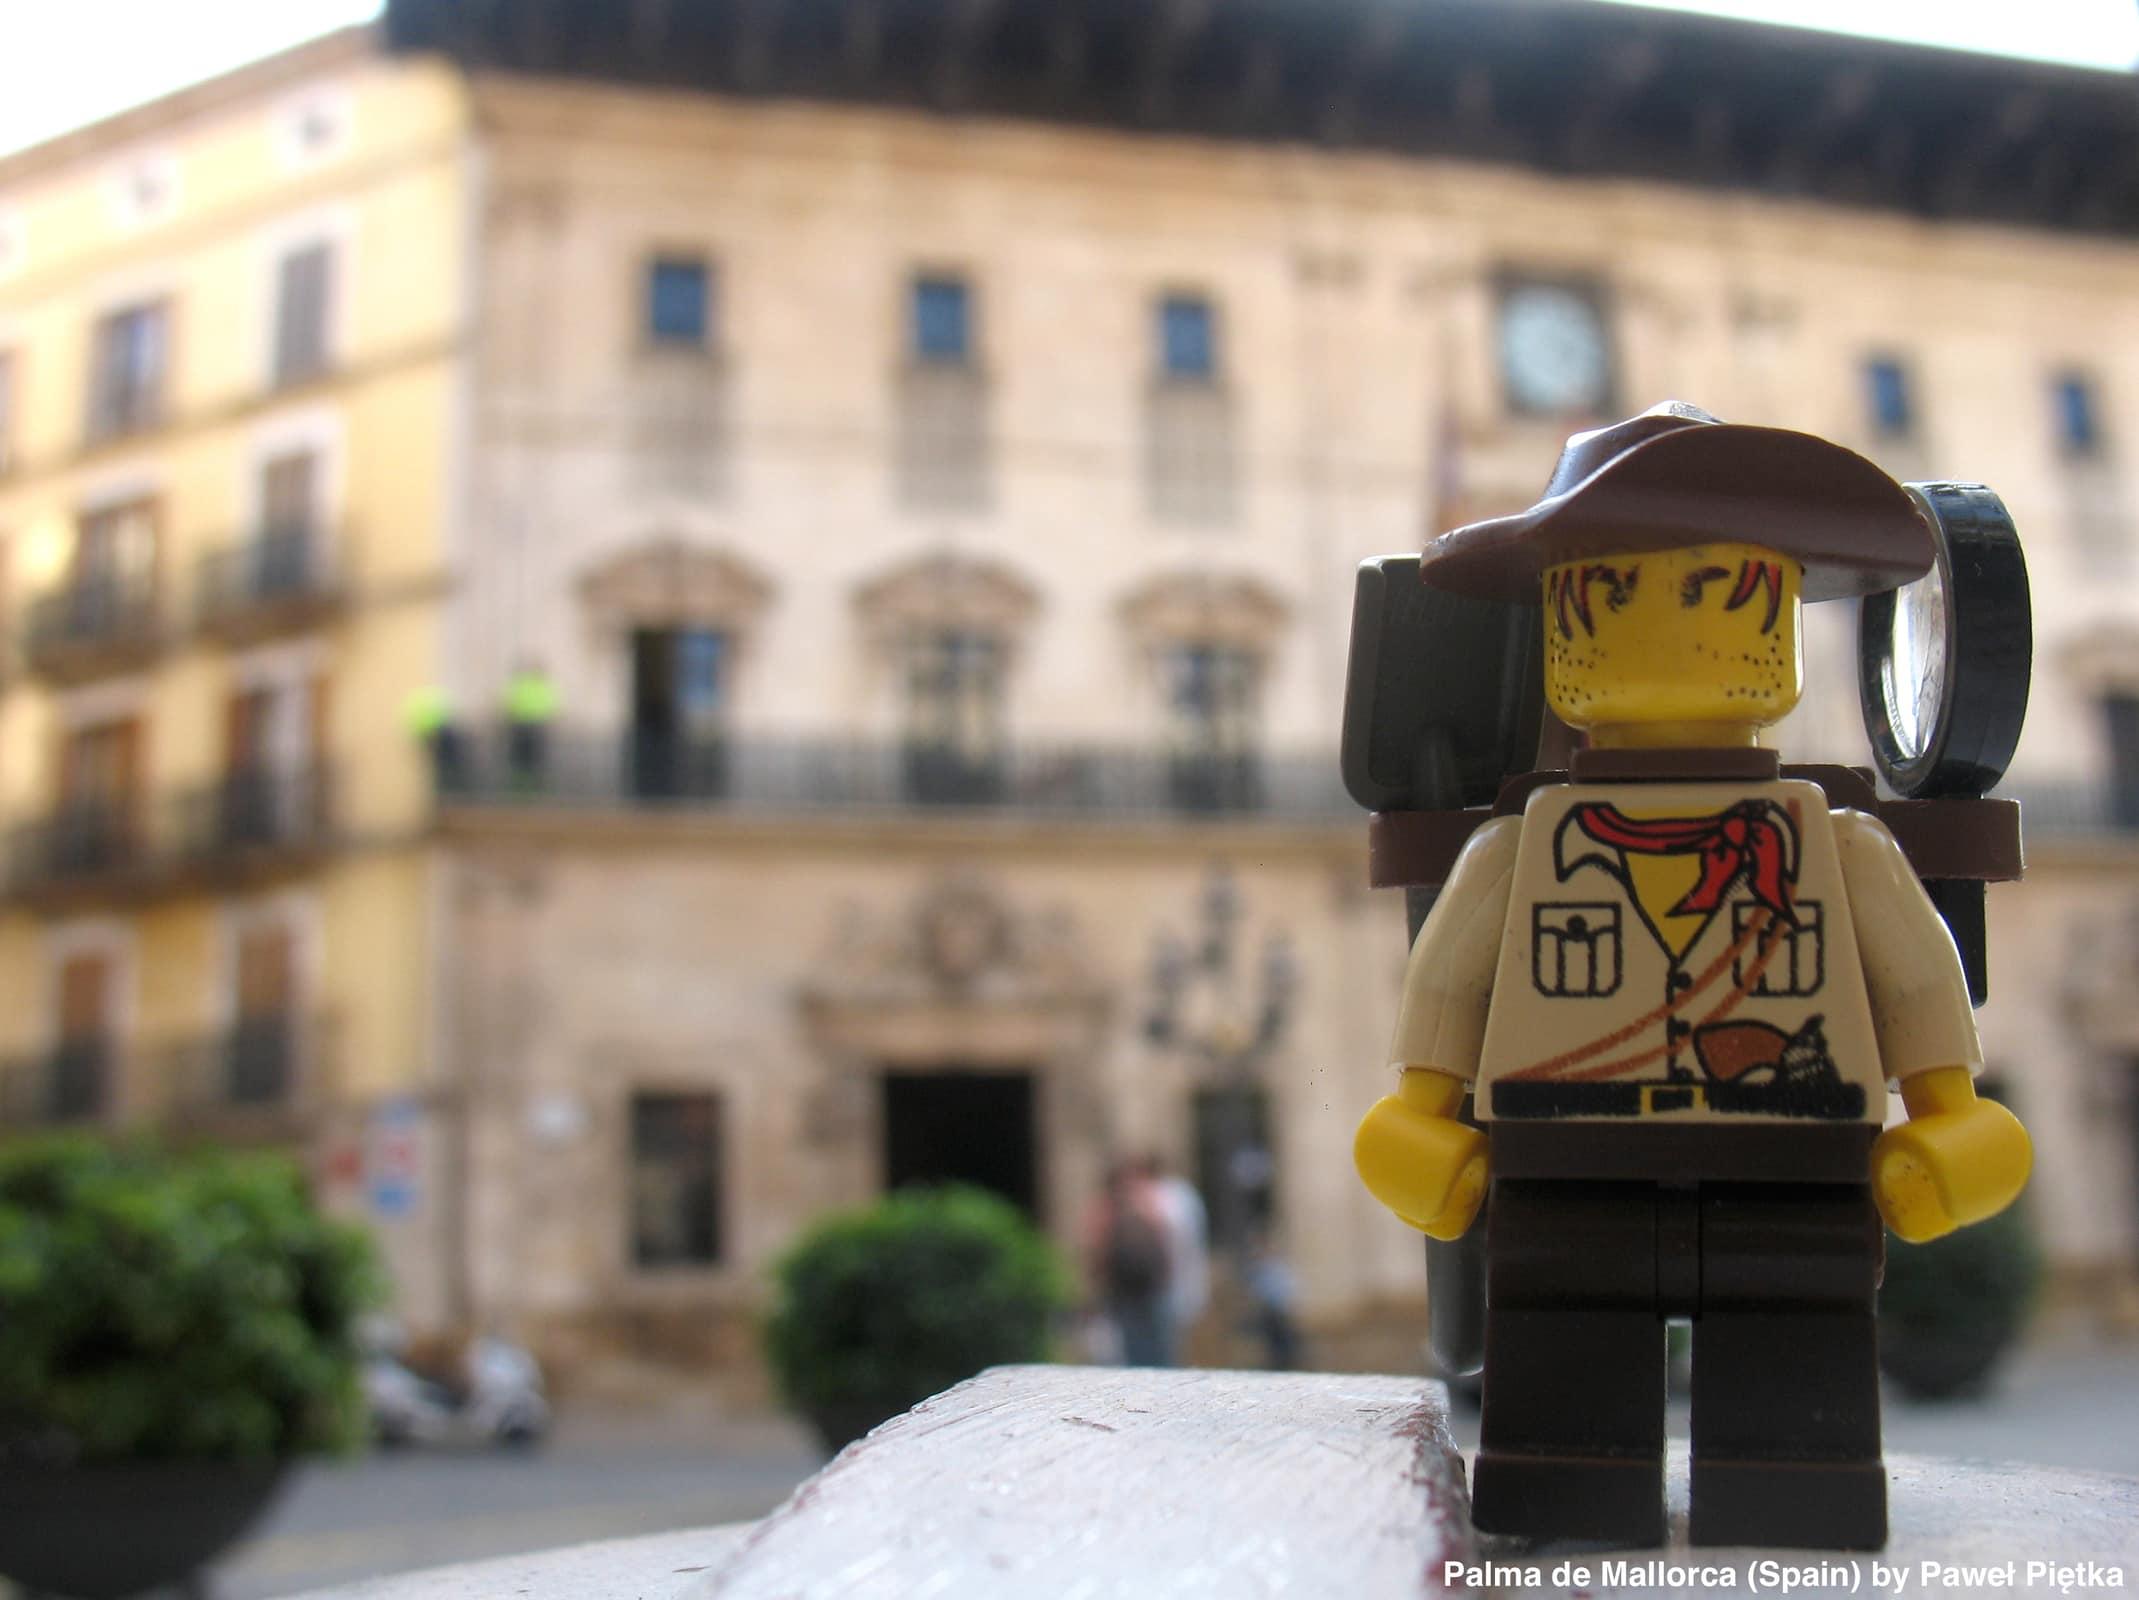 Palma de Mallorca (Spain) - City council of Palma